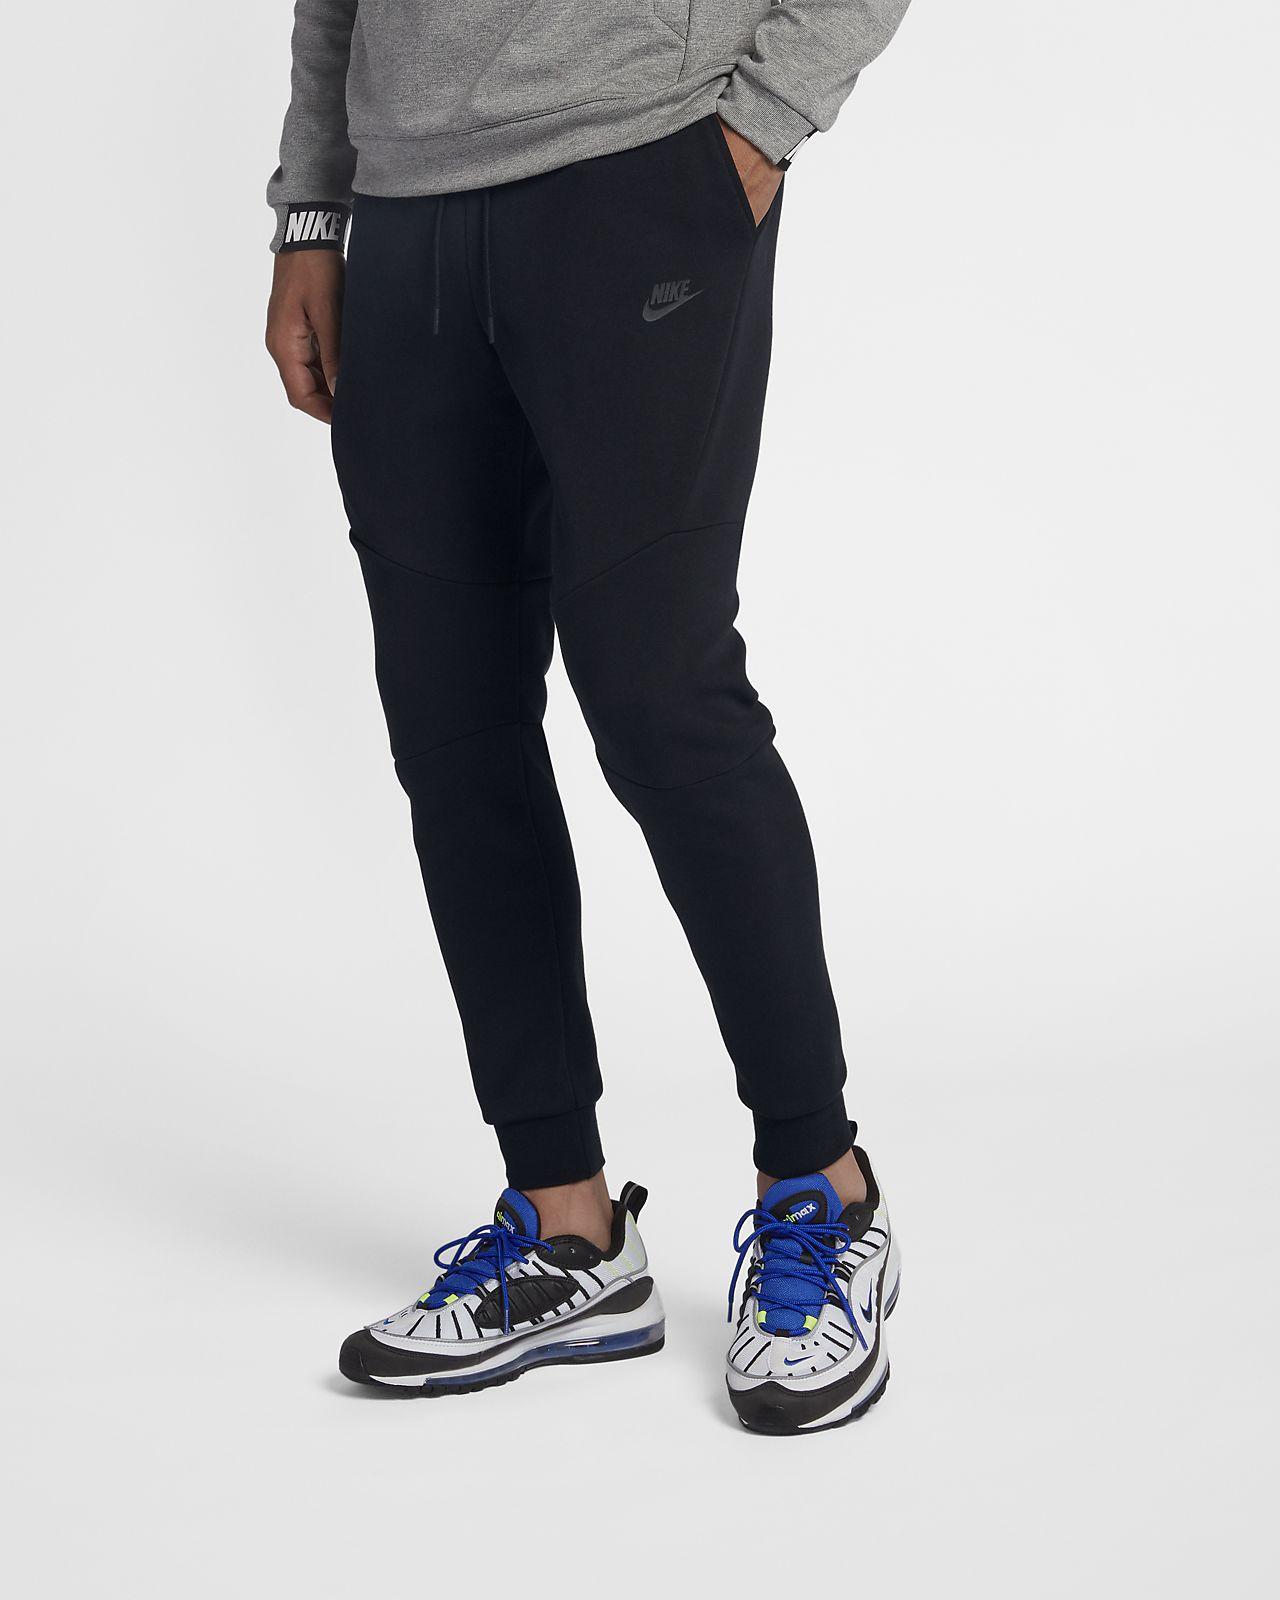 Nike Sportswear Tech Fleece 男款慢跑長褲